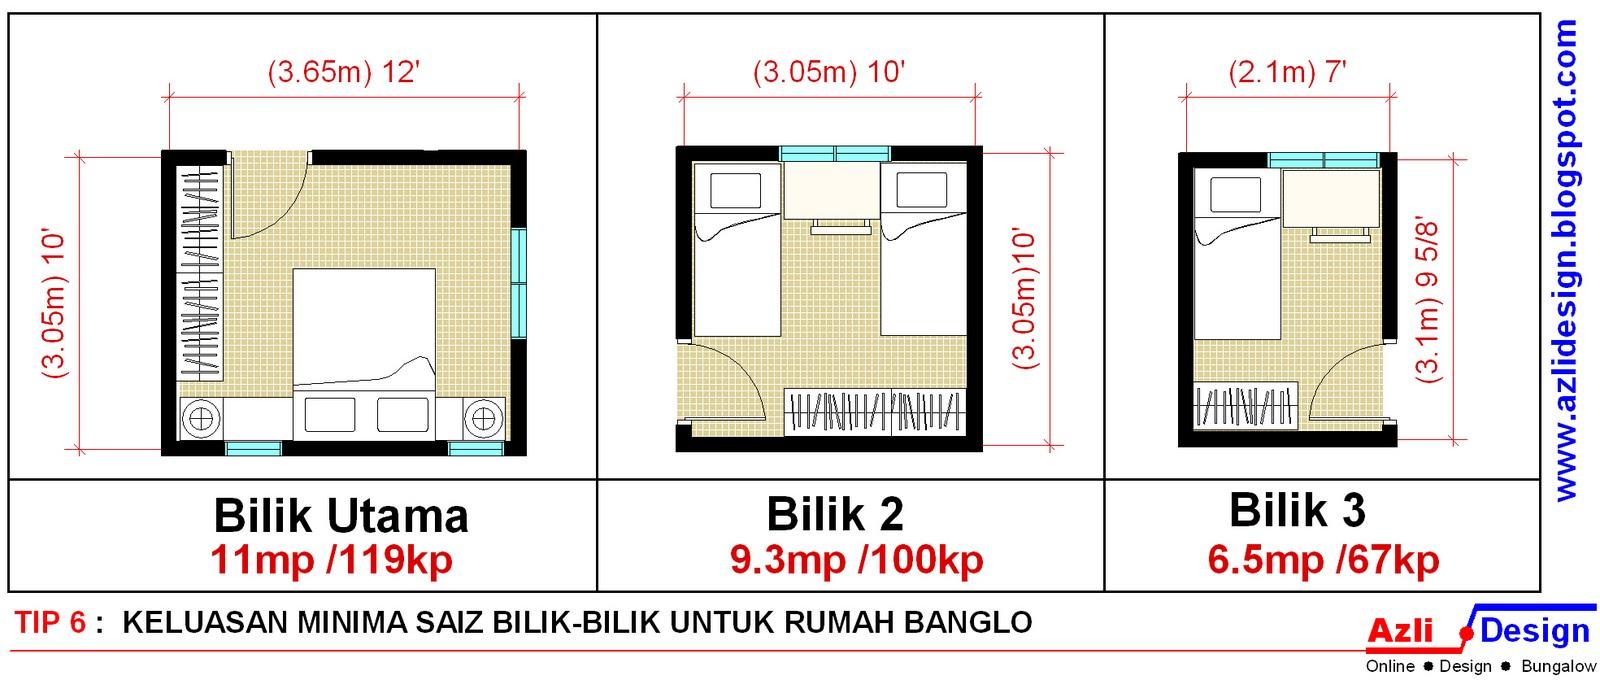 Saiz Dan Ukuran Minimum Untuk Setiap Bilik Rumah Banglo